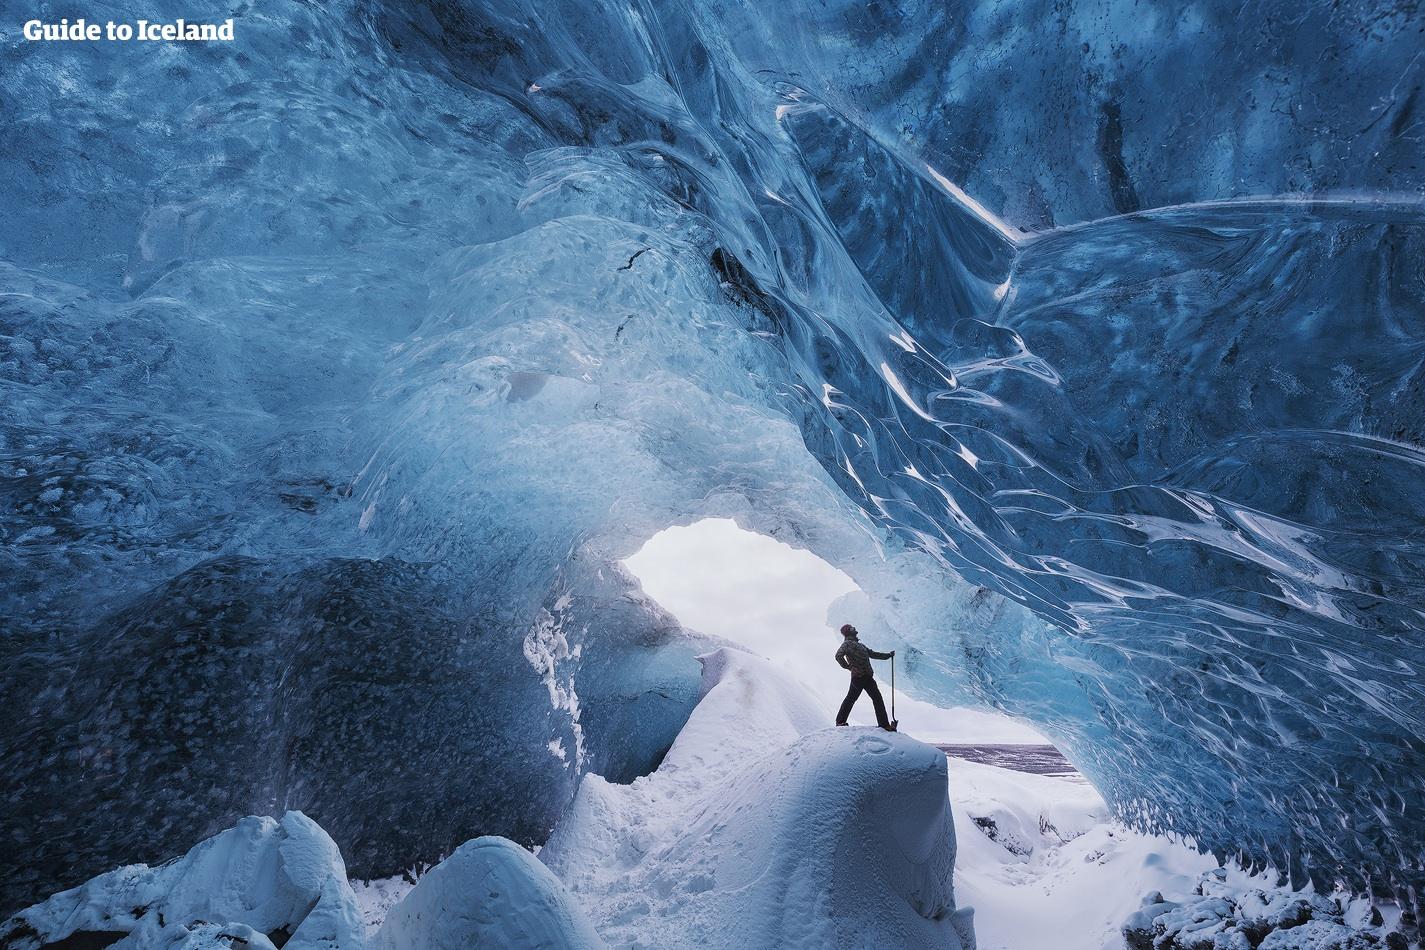 Hjälmar och stegjärn krävs i isgrottor, så ha med en tunn mössa och rejäla vandringsskor.